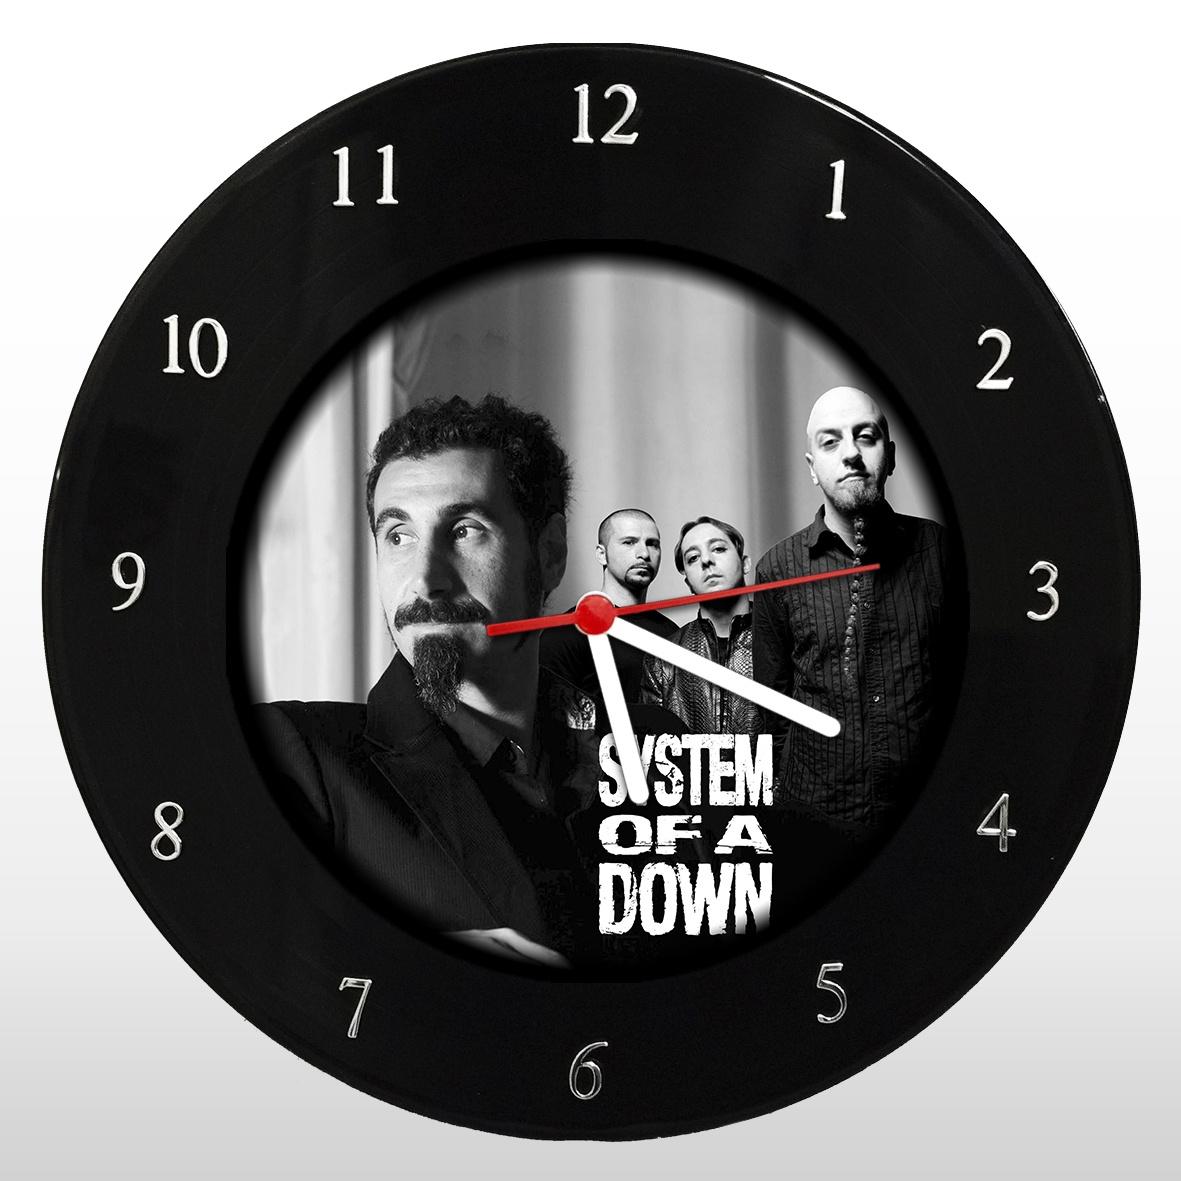 Relógio de Parede em Disco de Vinil System Of A Down - Mr. Rock